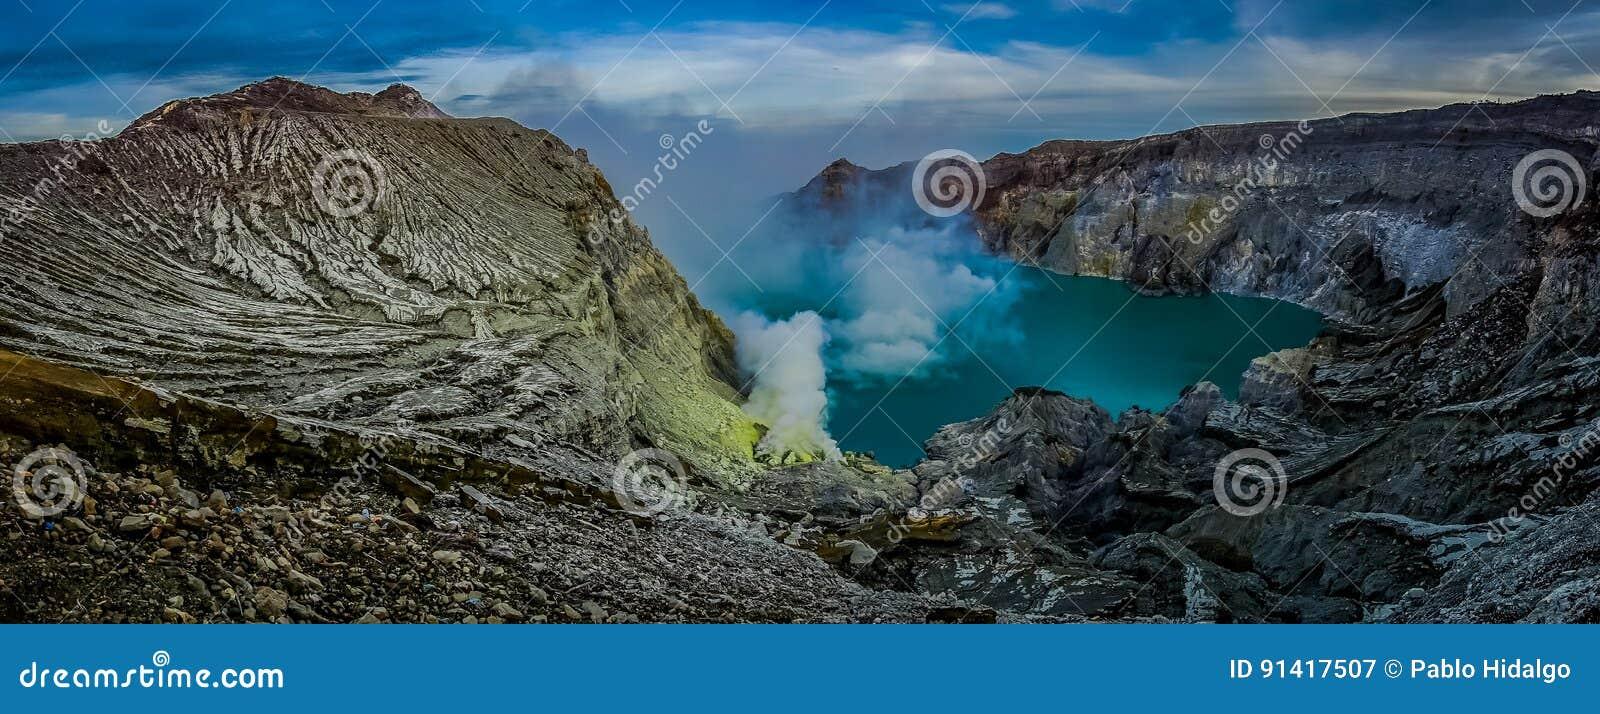 KAWEH IJEN, INDONESIEN: Großartiger Überblick über vulkanischen Kratersee mit rauen Gebirgsklippen, großes Naturkonzept